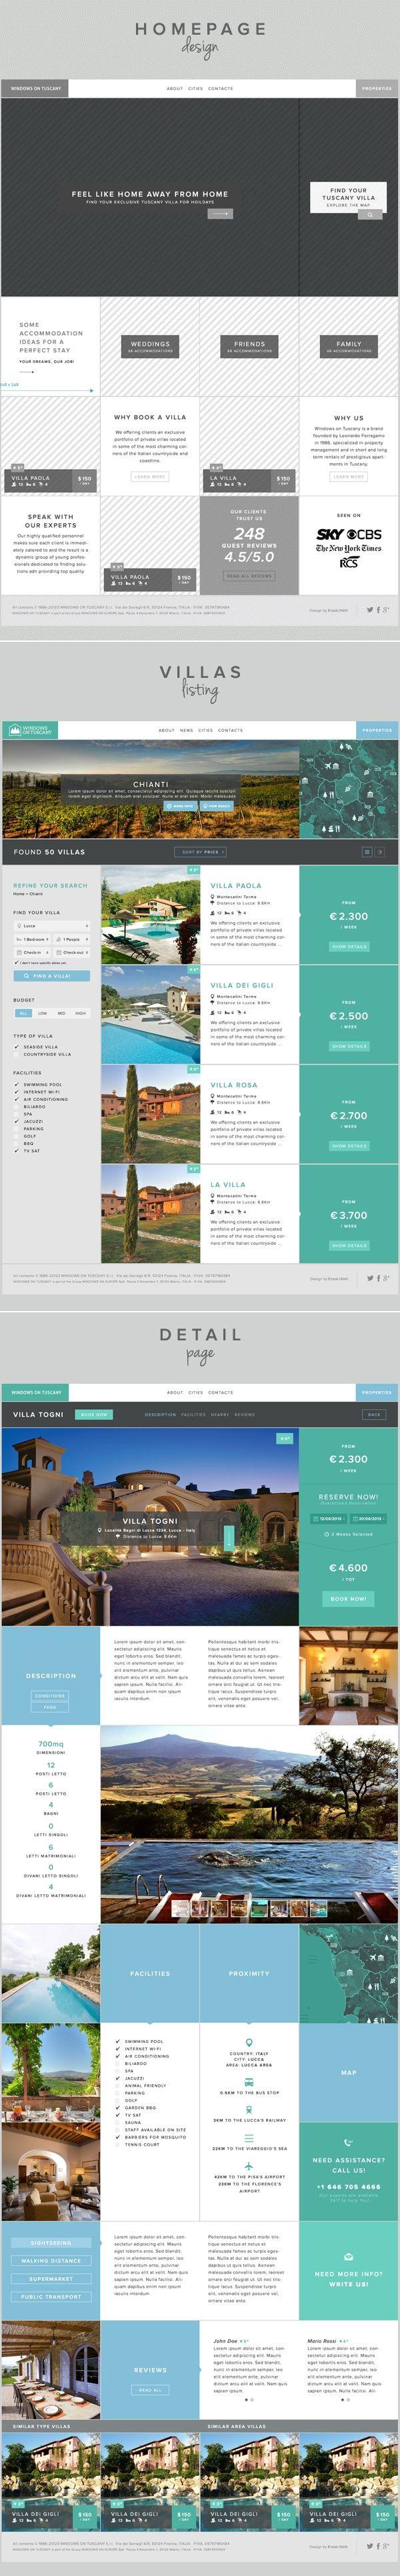 UI/UX design - Windows on Tuscany